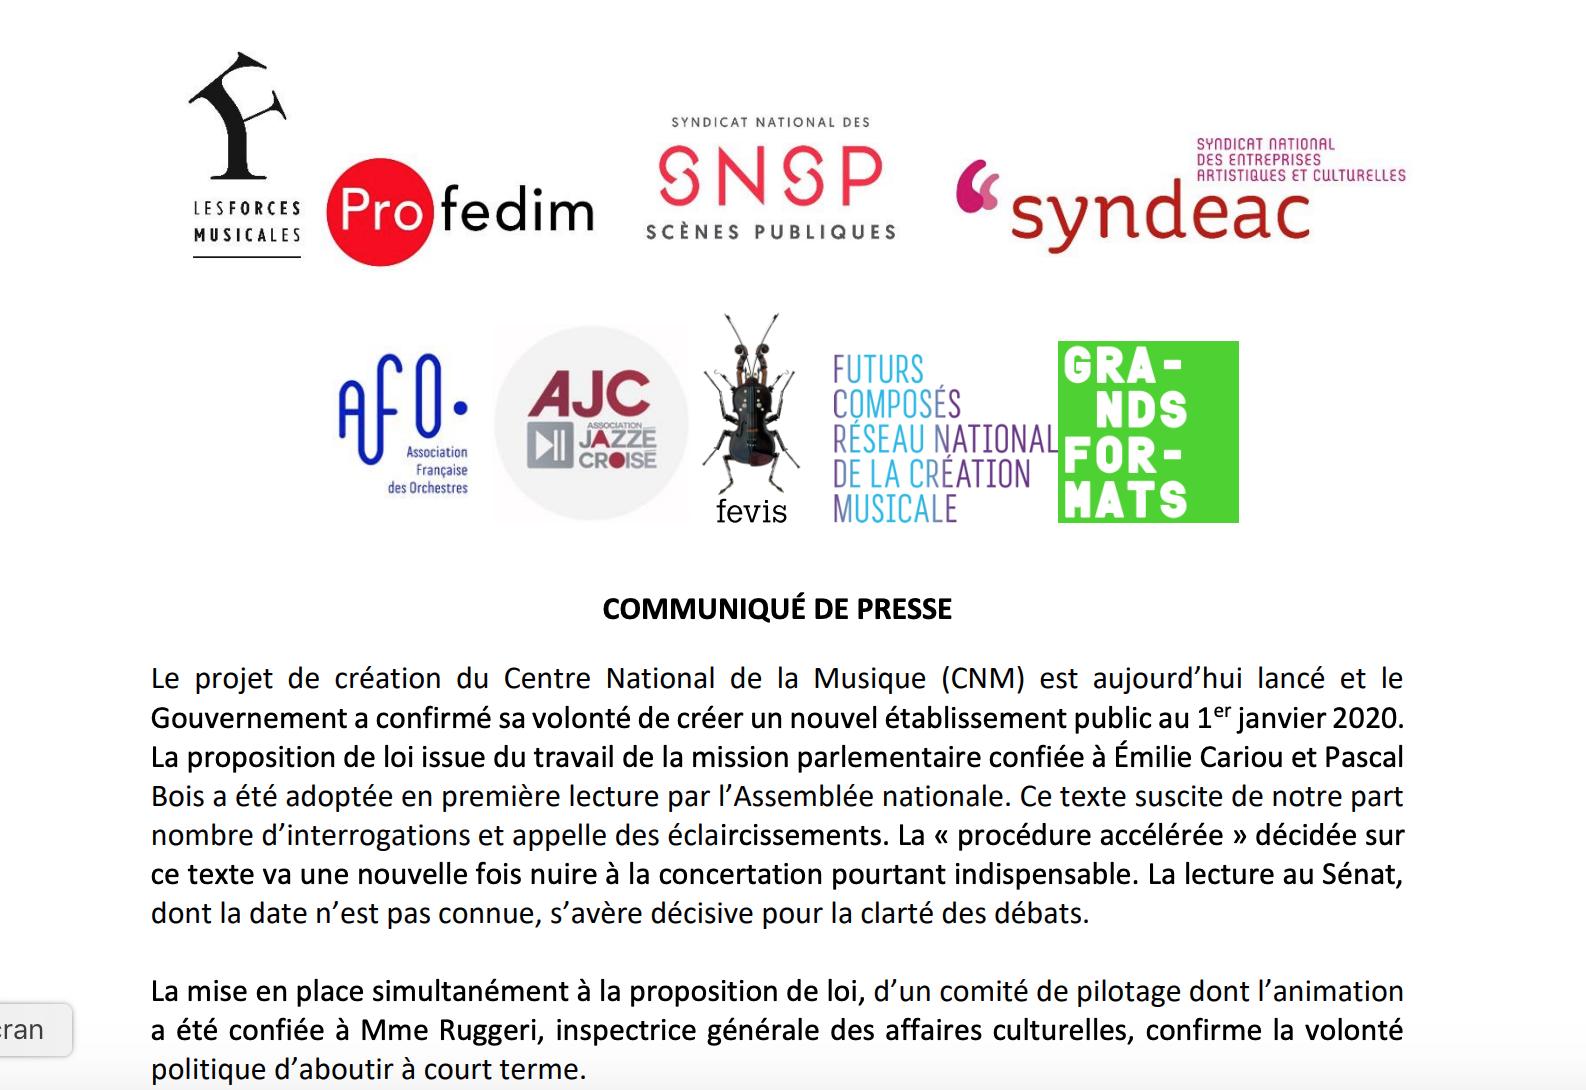 Communiqué de presse inter-fédération – une contribution sur le Centre National de la Musique